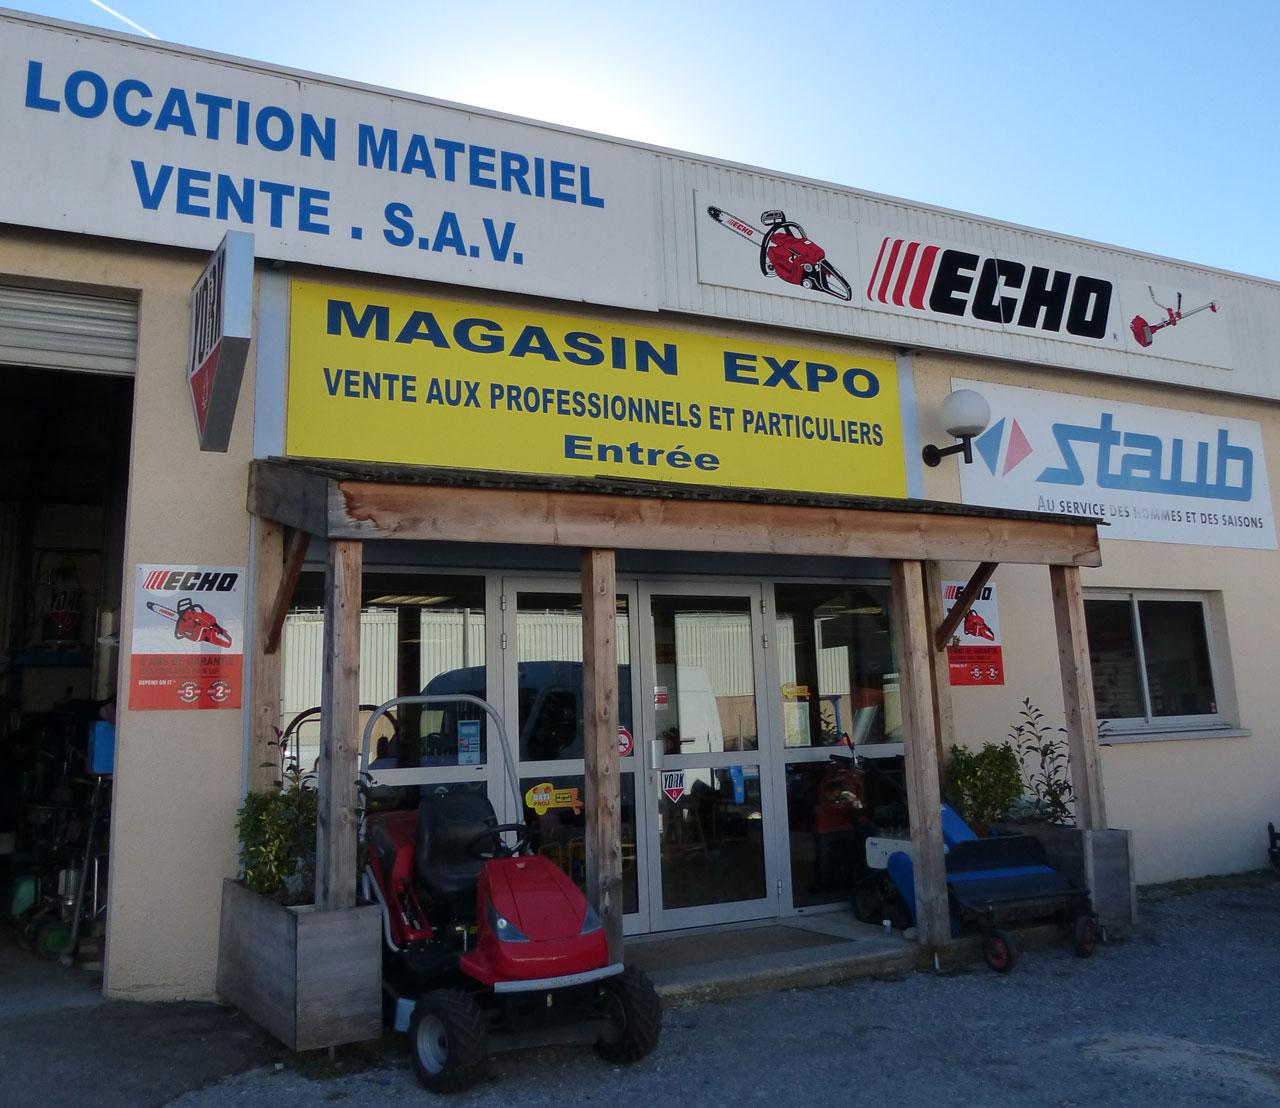 Bau Location - Réparation, location, vente neuf et occasion de matériel de chantier et d'espace vert à Digne-les-Bains